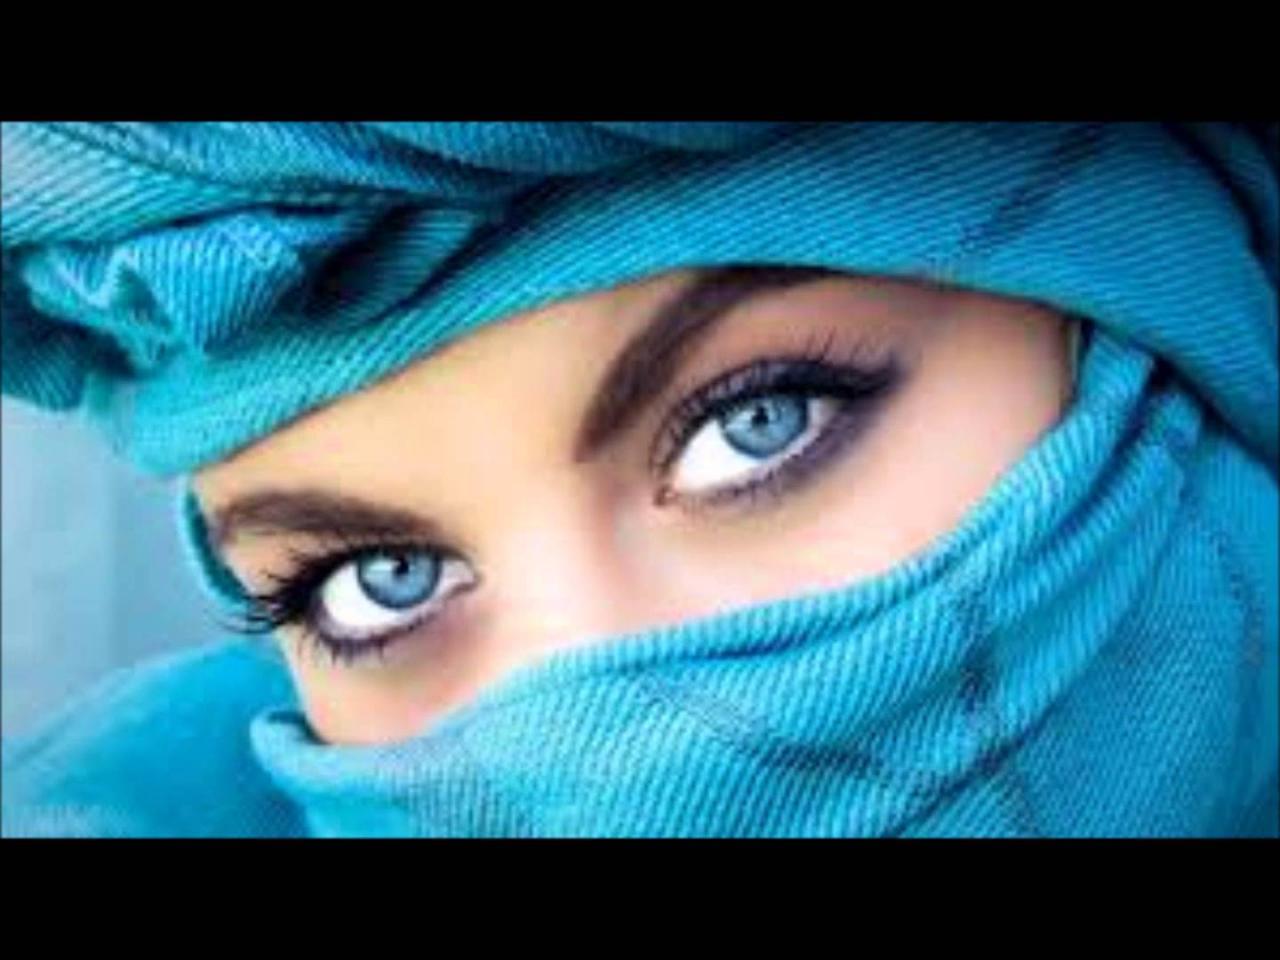 بالصور اجمل عيون بالنقاب , جمال العيون وابرازها من النقاب 2376 9